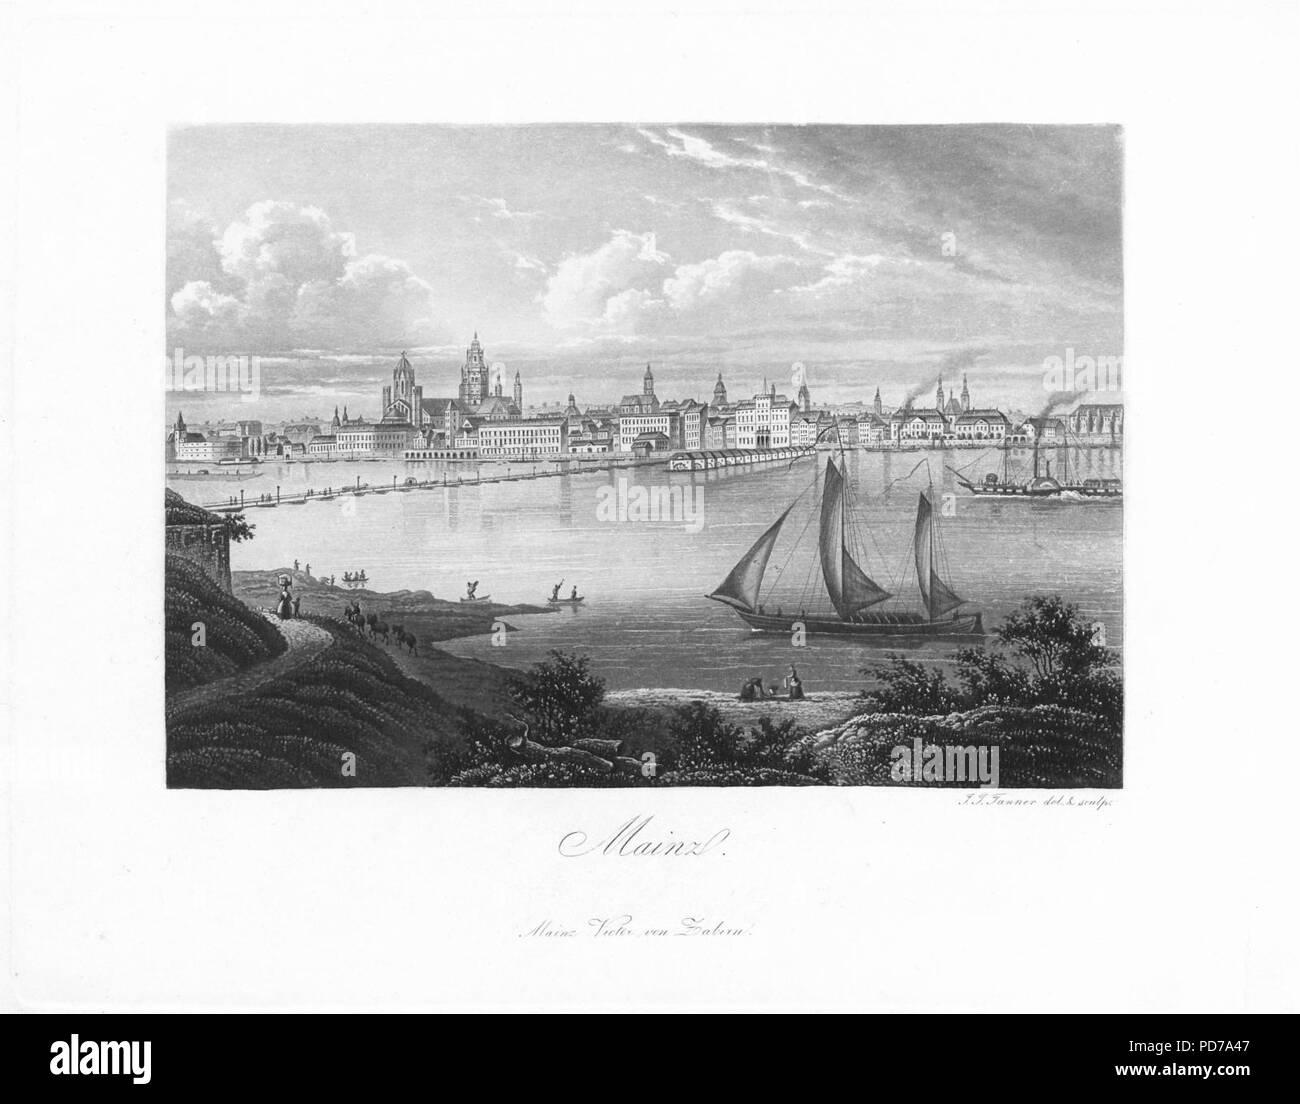 Andenken an den Rhein (1840) 003. - Stock Image